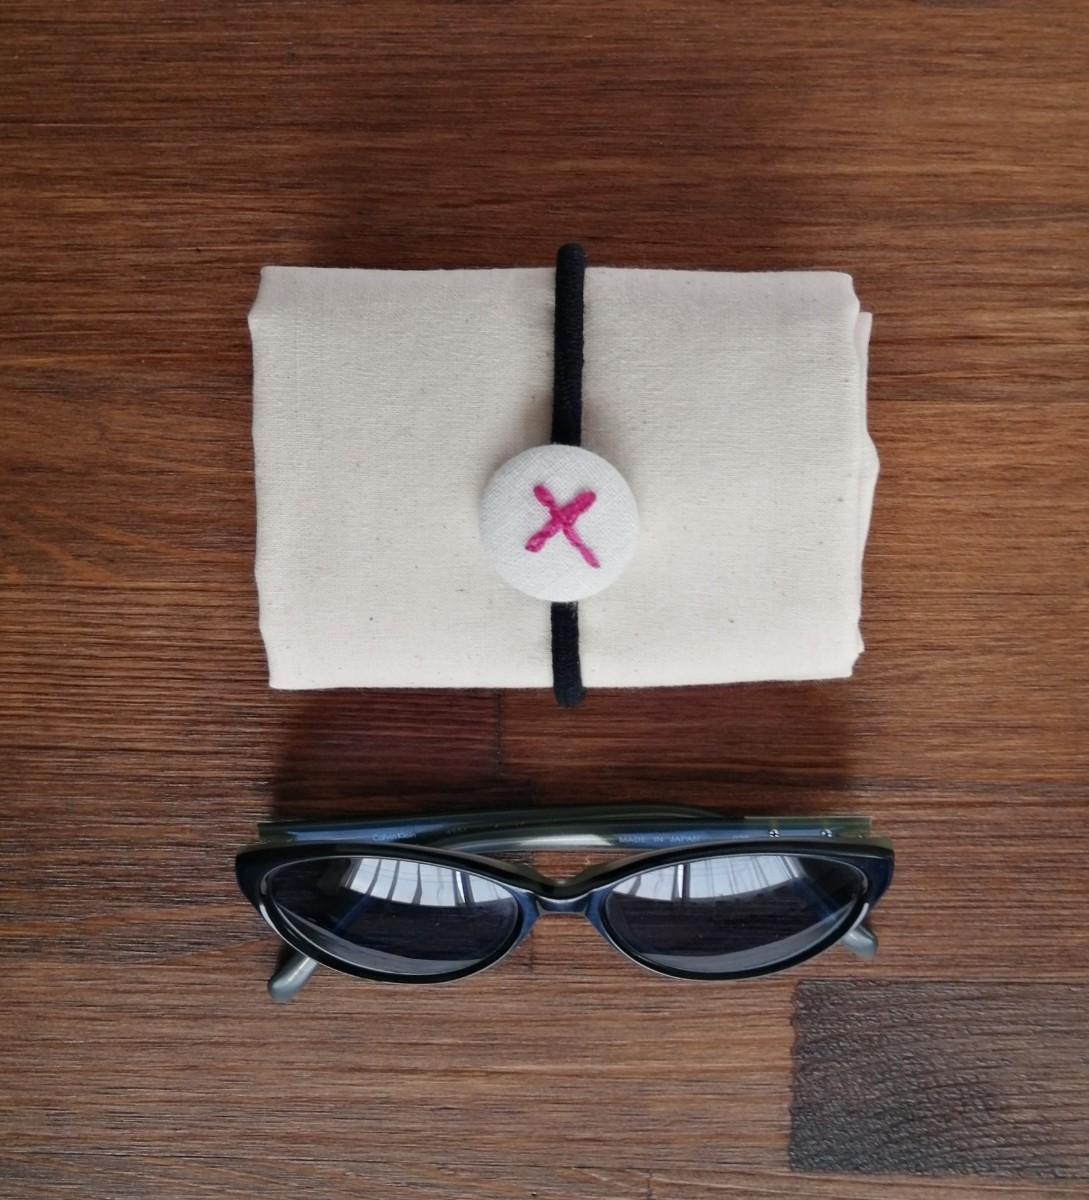 ハンドメイド 赤いティーバッグ 手縫の刺繍 ワイドマチトートバッグ ショルダーバッグ エコバッグ 生成り コットン